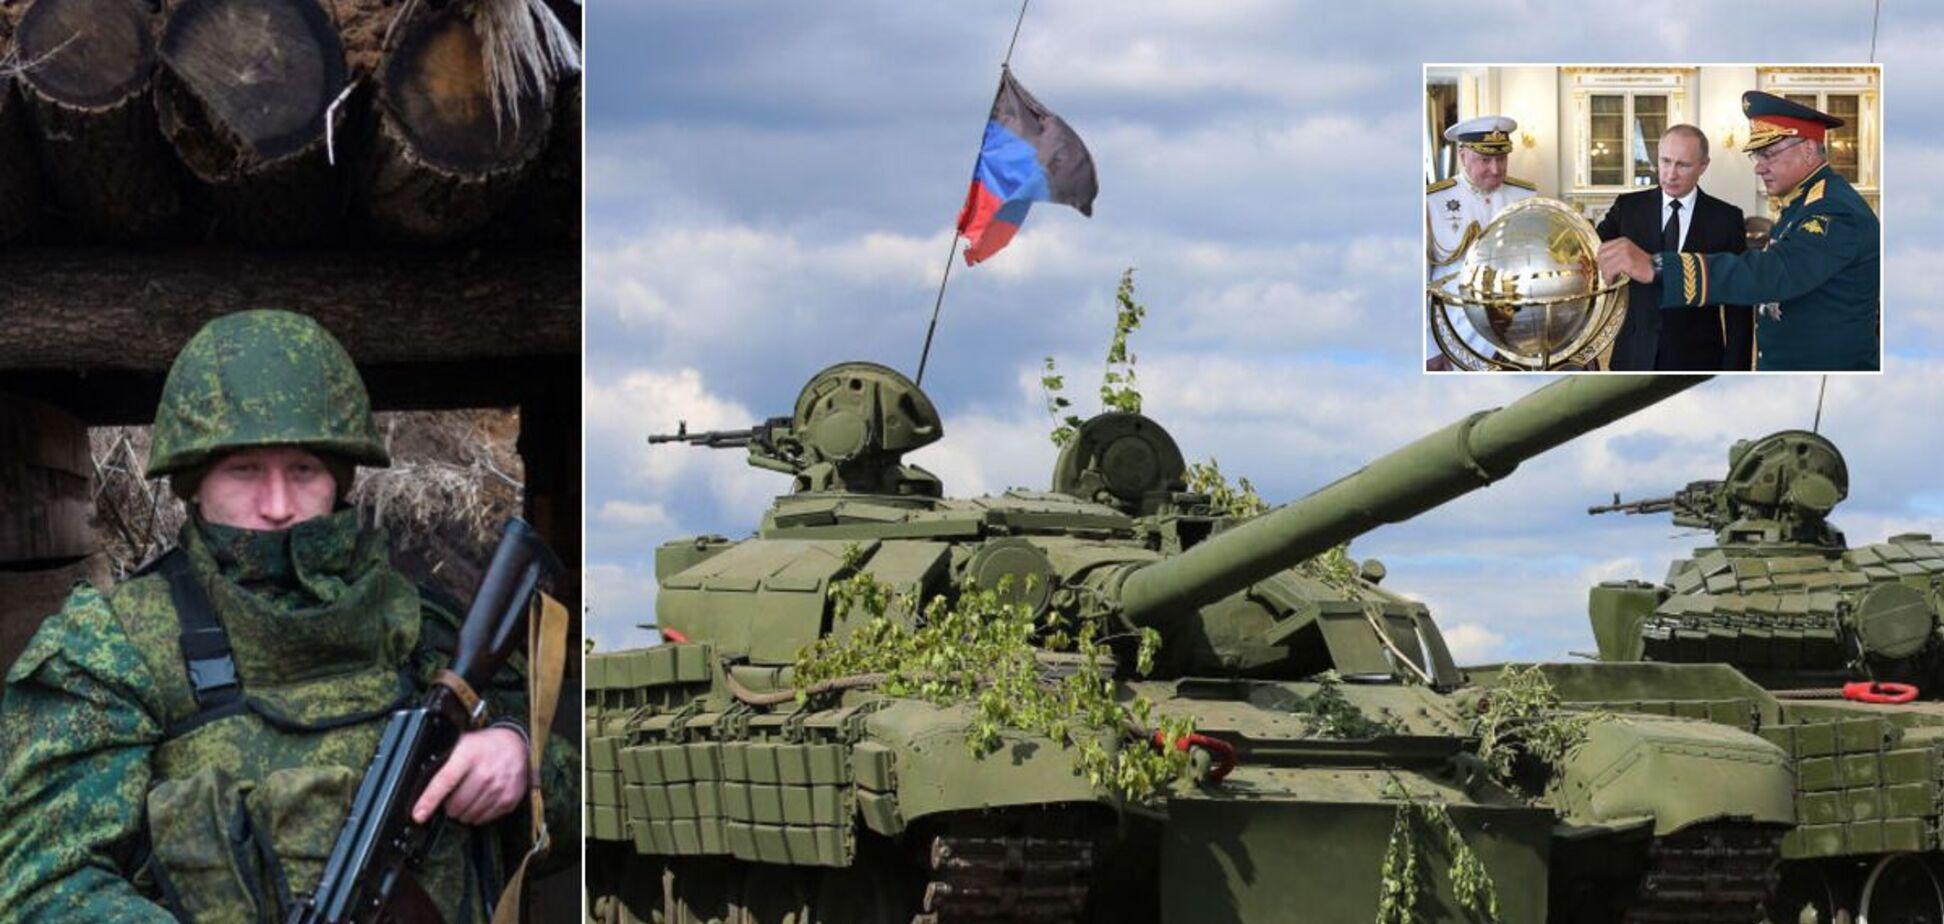 Волошин: Путин положил конец перемирию на Донбассе и будет продавливать Украину